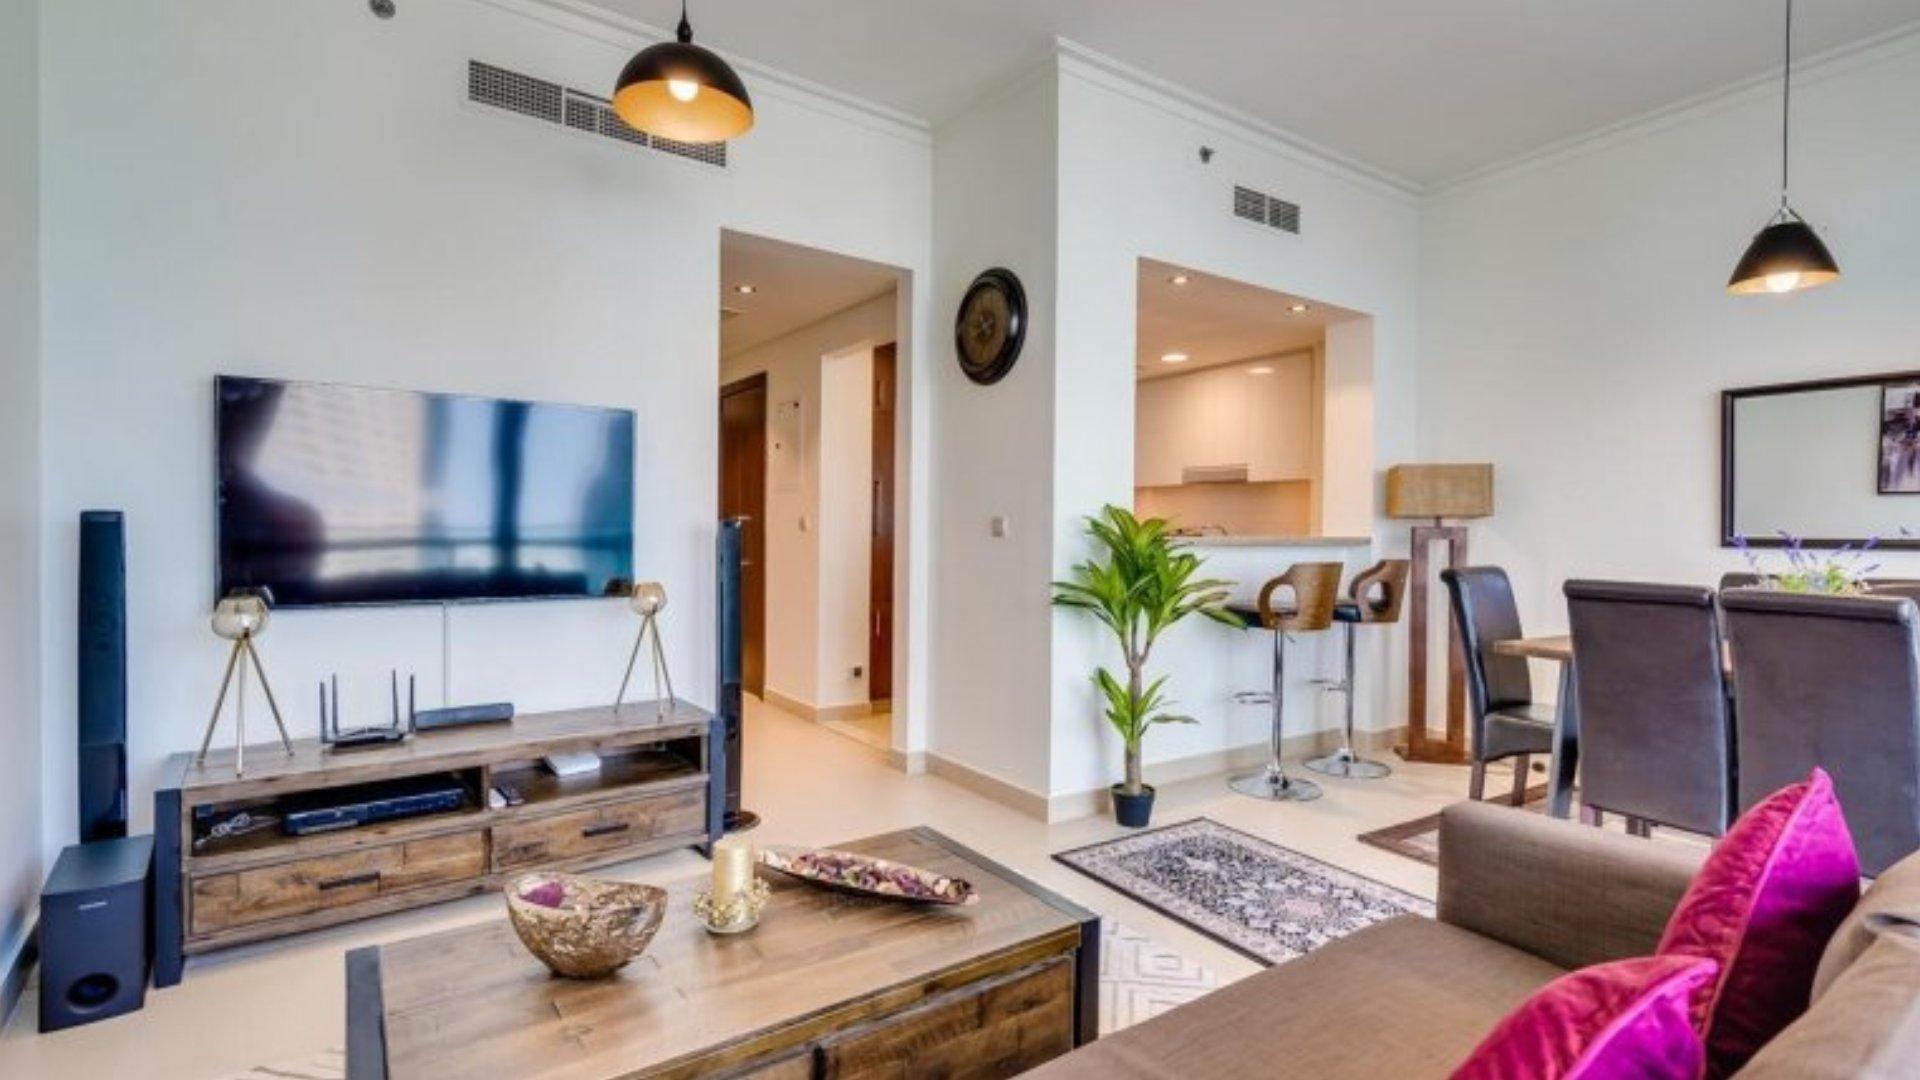 Ático en venta en Dubai, EAU, 5 dormitorios, 769 m2, № 24406 – foto 1